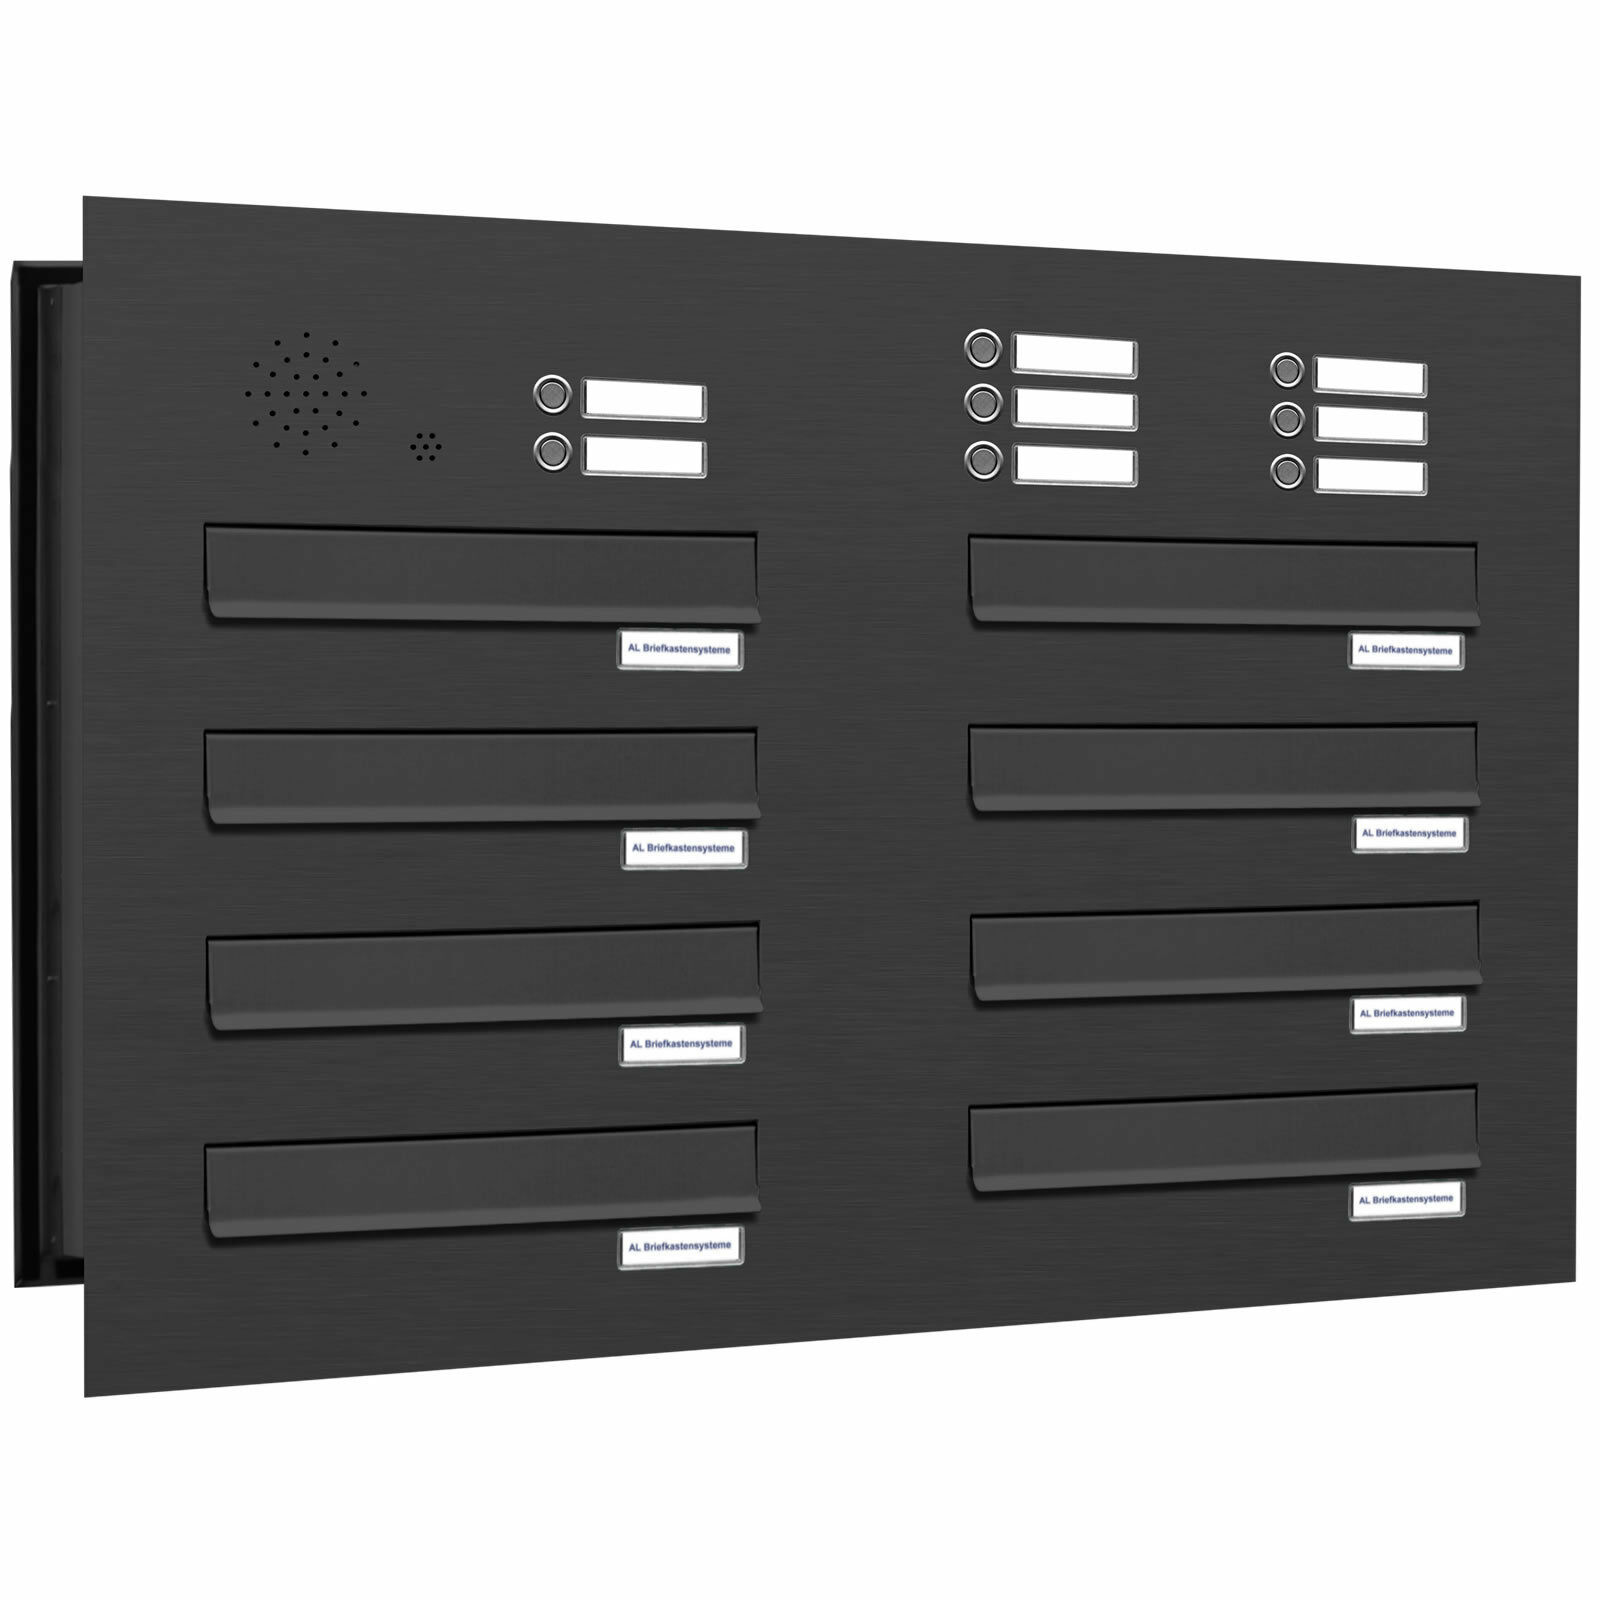 8 er Premium Durchwurf Briefkasten Klingel RAL 7016 anthrazit Postkasten 2x4